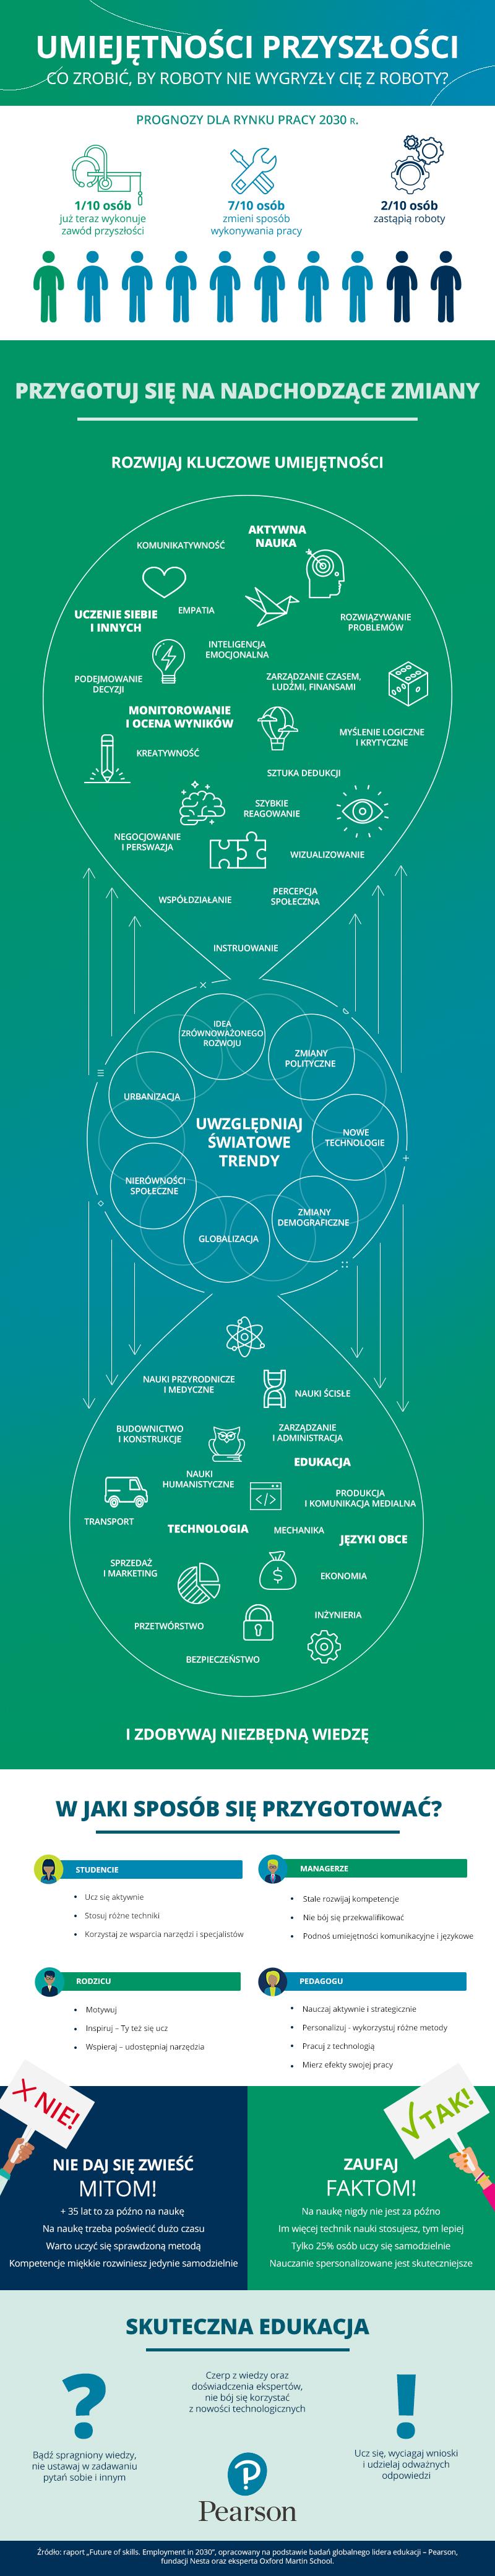 infografika-umiejetnosci-przyszlosci